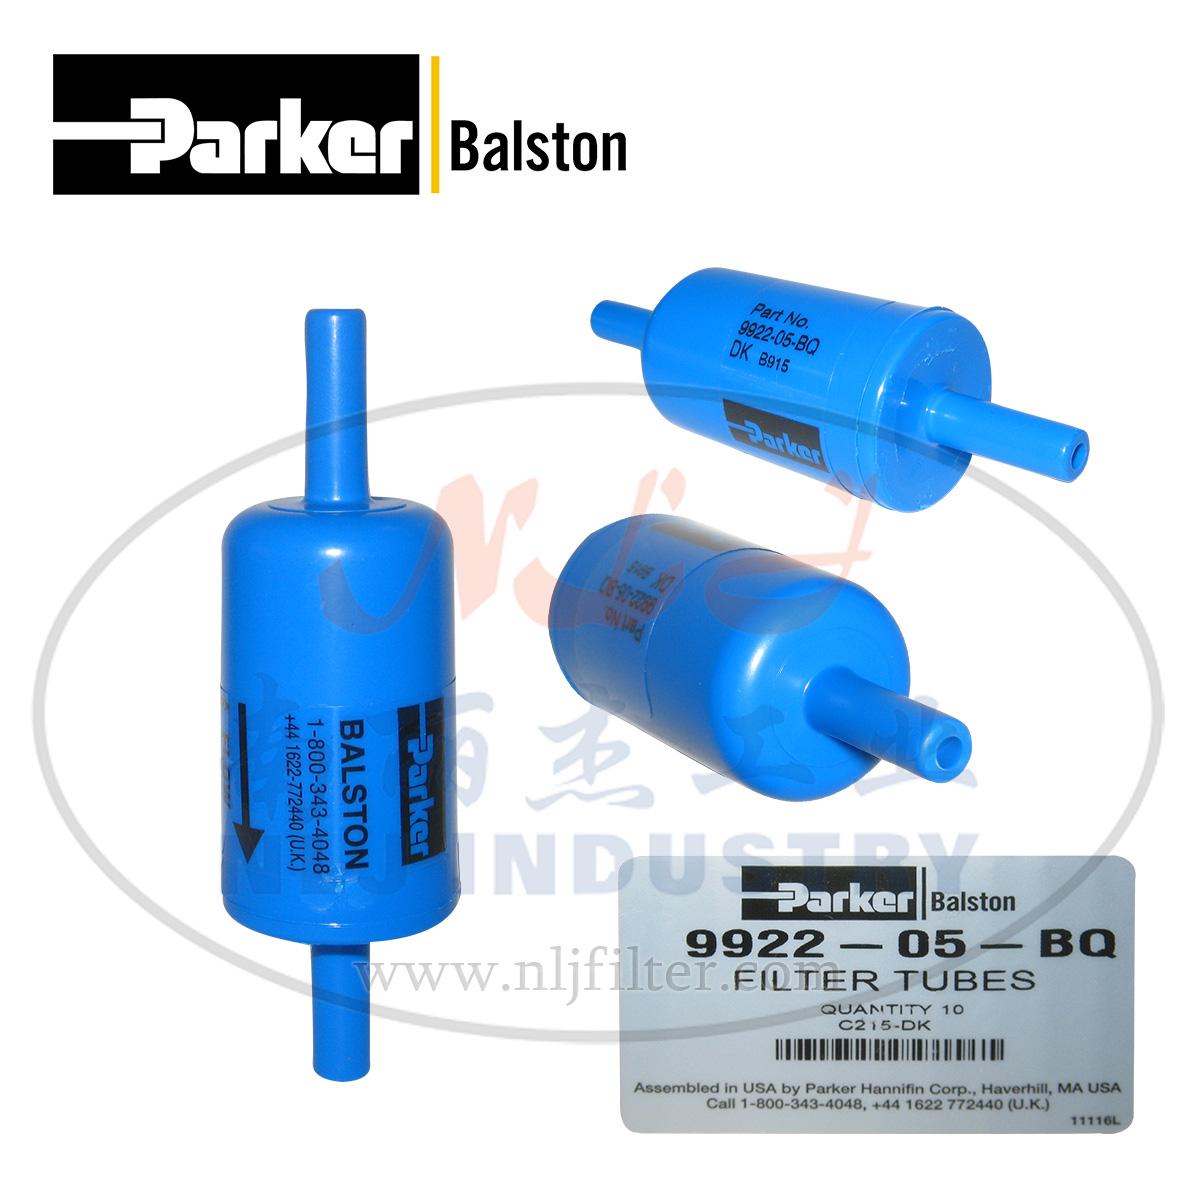 Parker(派克)Balston過濾器9922-05-BQ